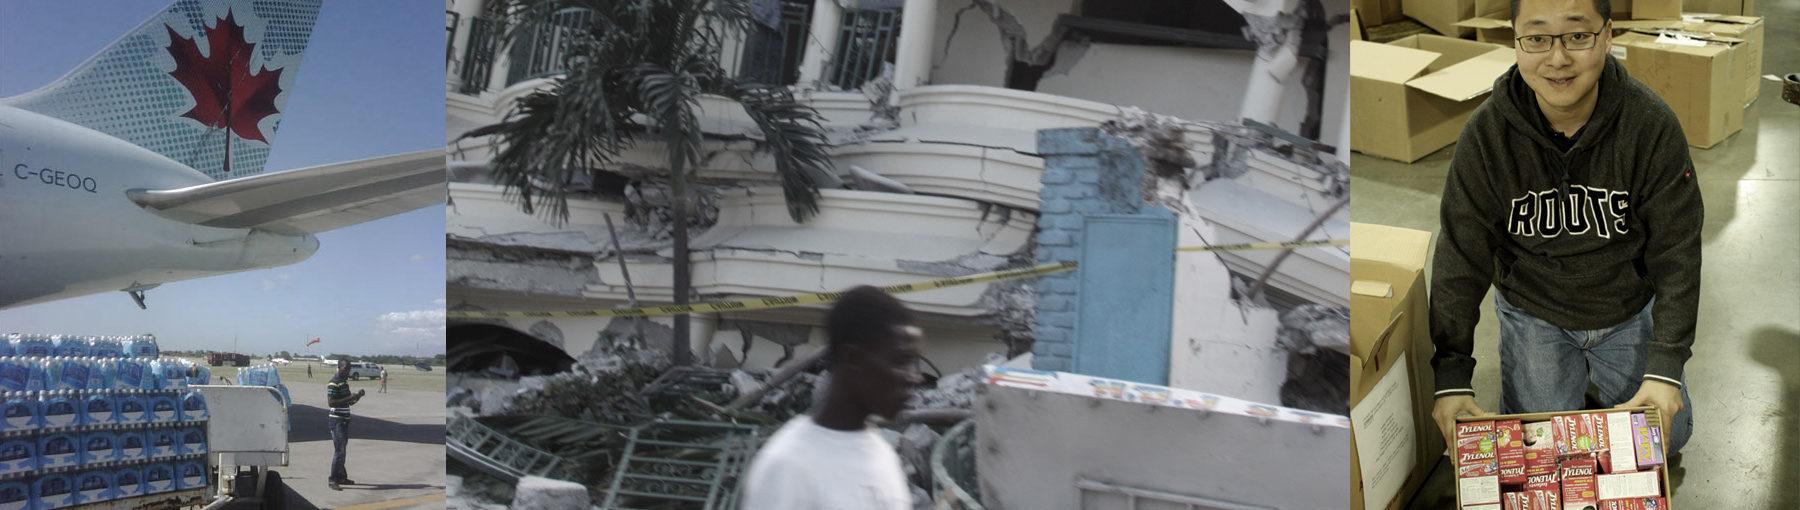 haiti7-1800x510.jpg